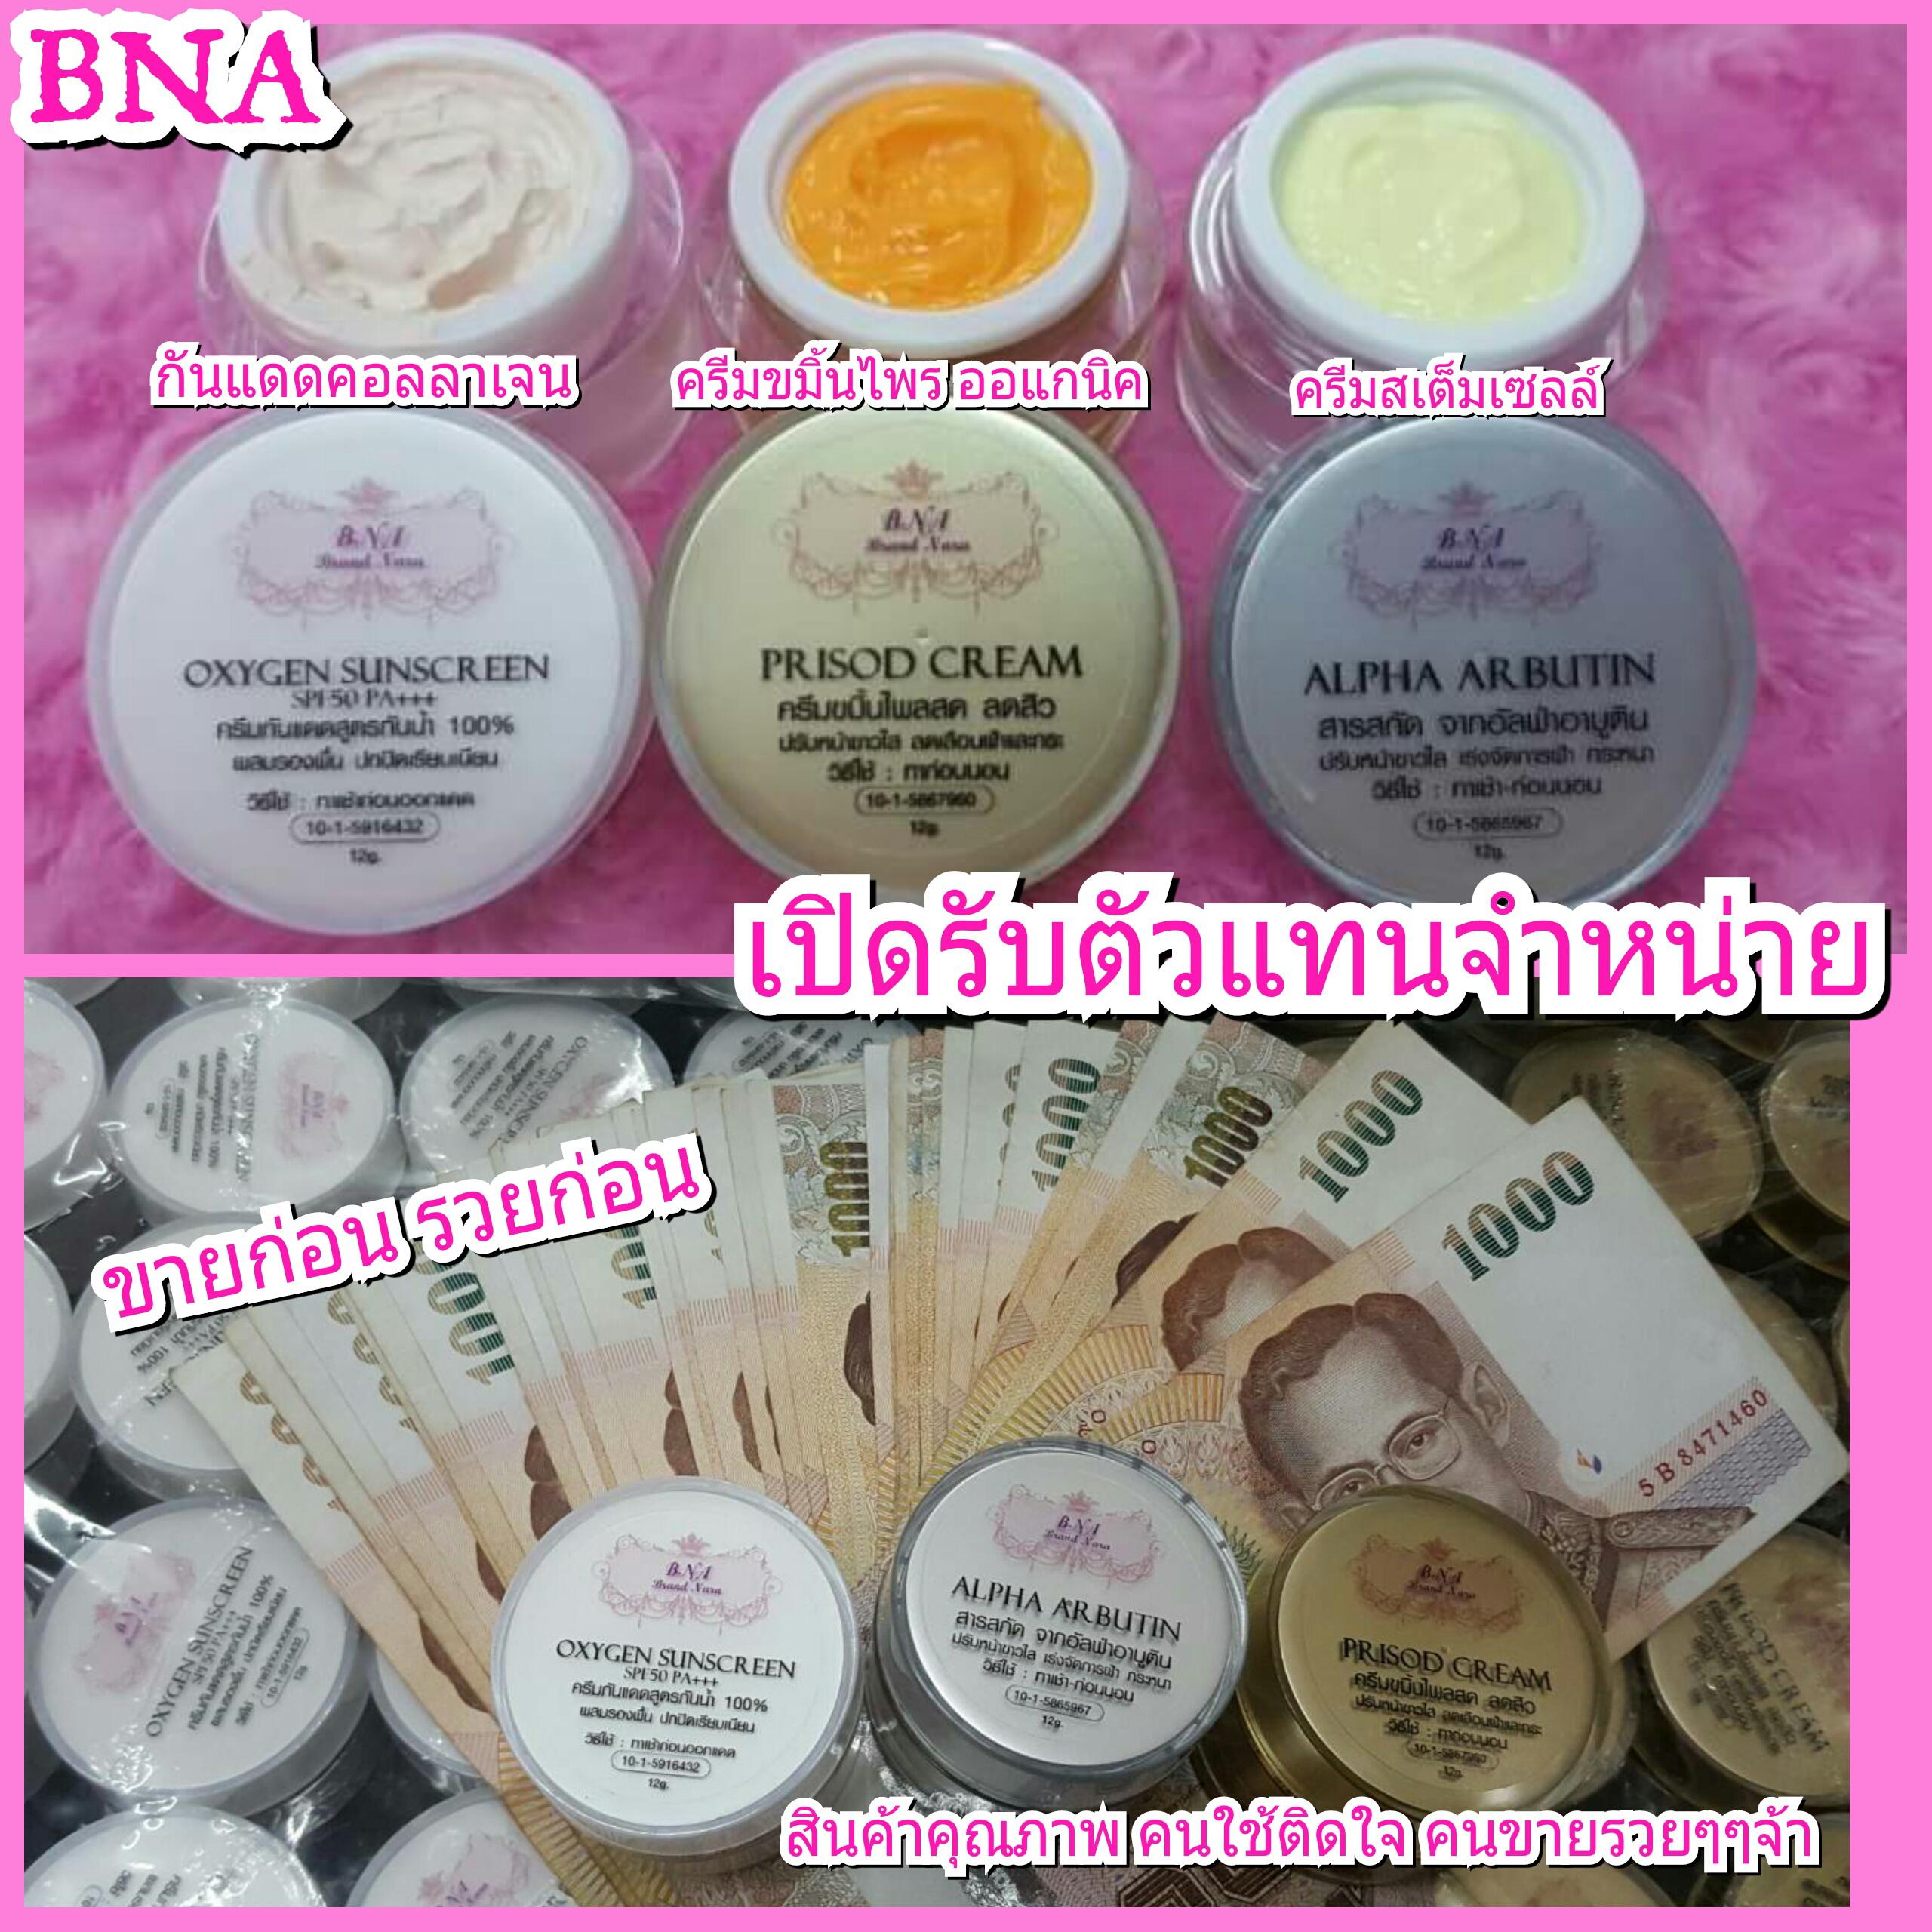 BNA Cream ภายใต้ Brand Nara สวยครบสูตร ครีมลด สิว ฝ้า กระ จุดด่างดำ กระชับรูขุมขน ปรับผิวหน้าขาว กระจ่างใส เผยผิวเนียนนุ่ม เห็นผลจริง ปลอดภัย ไร้สารต้องห้าม